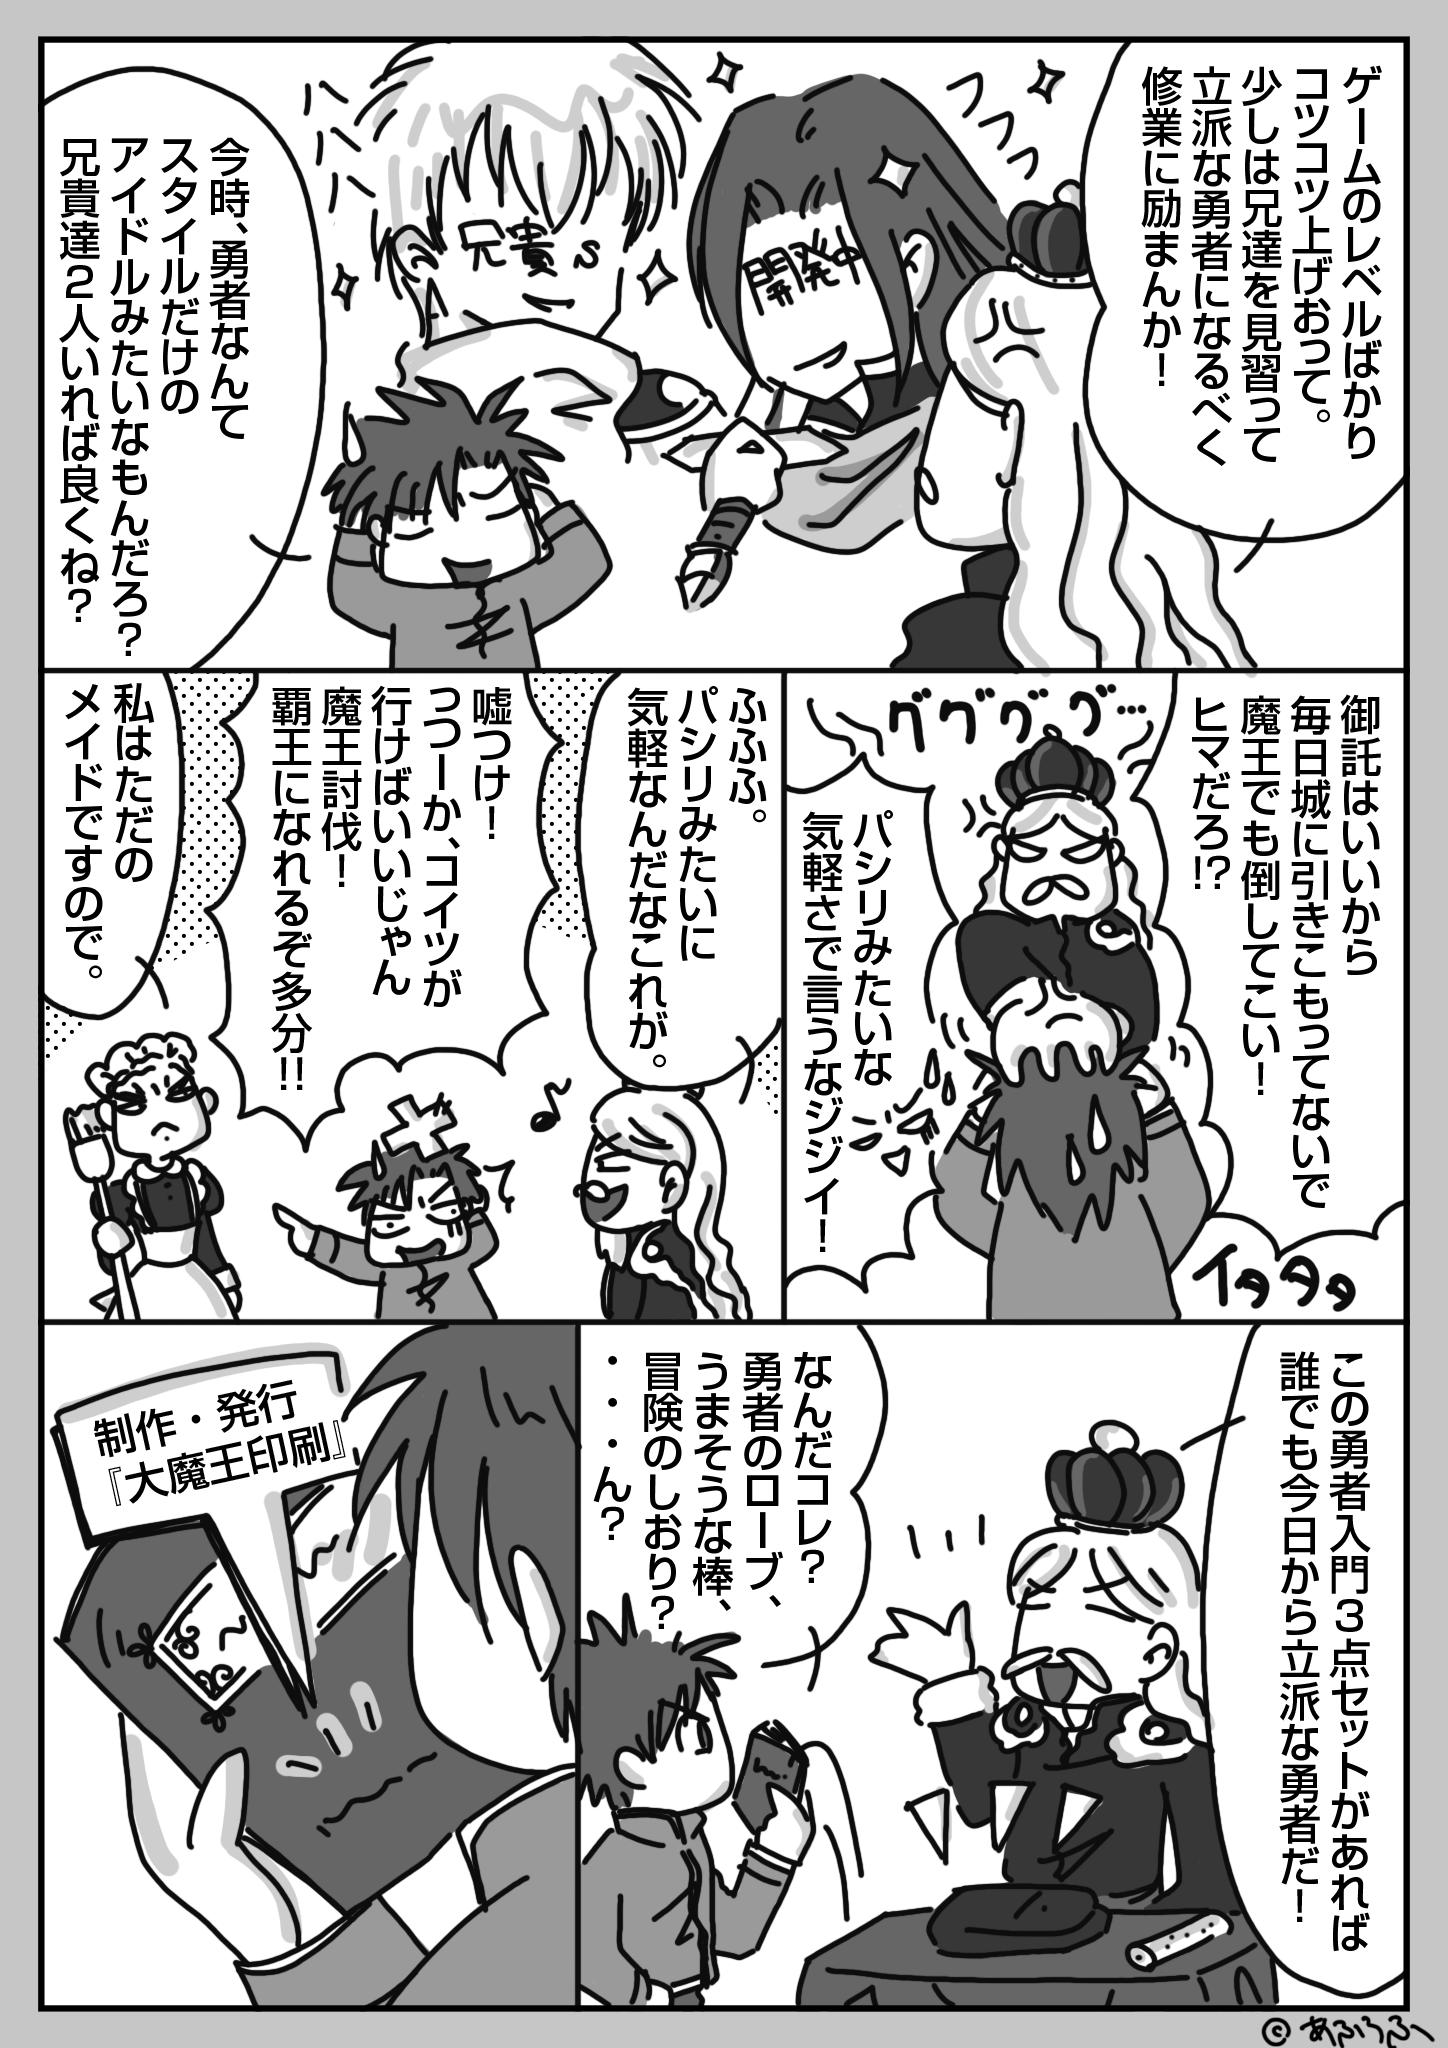 2話(5)『Say YES to new adventures! 〜追い出された勇者〜』